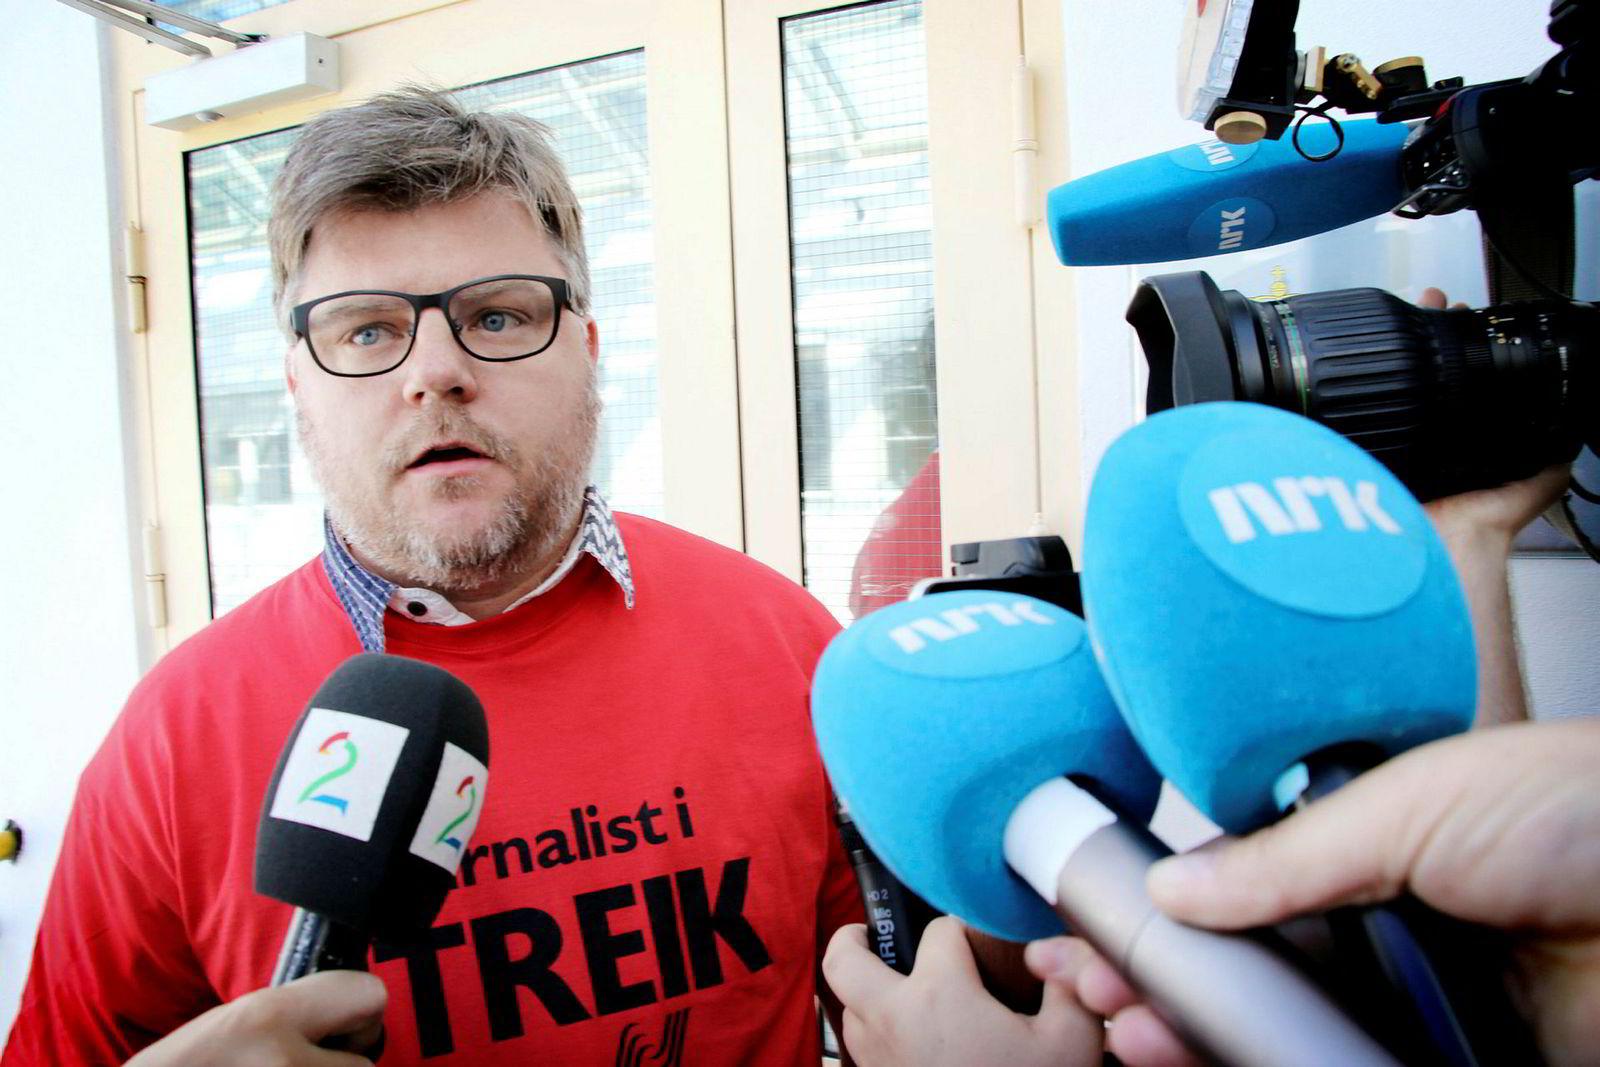 NJ-leder i NRK Richard Aune, fotografert under streiken i NRK tidligere i år. Foto: Erik Johansen / NTB scanpix ---